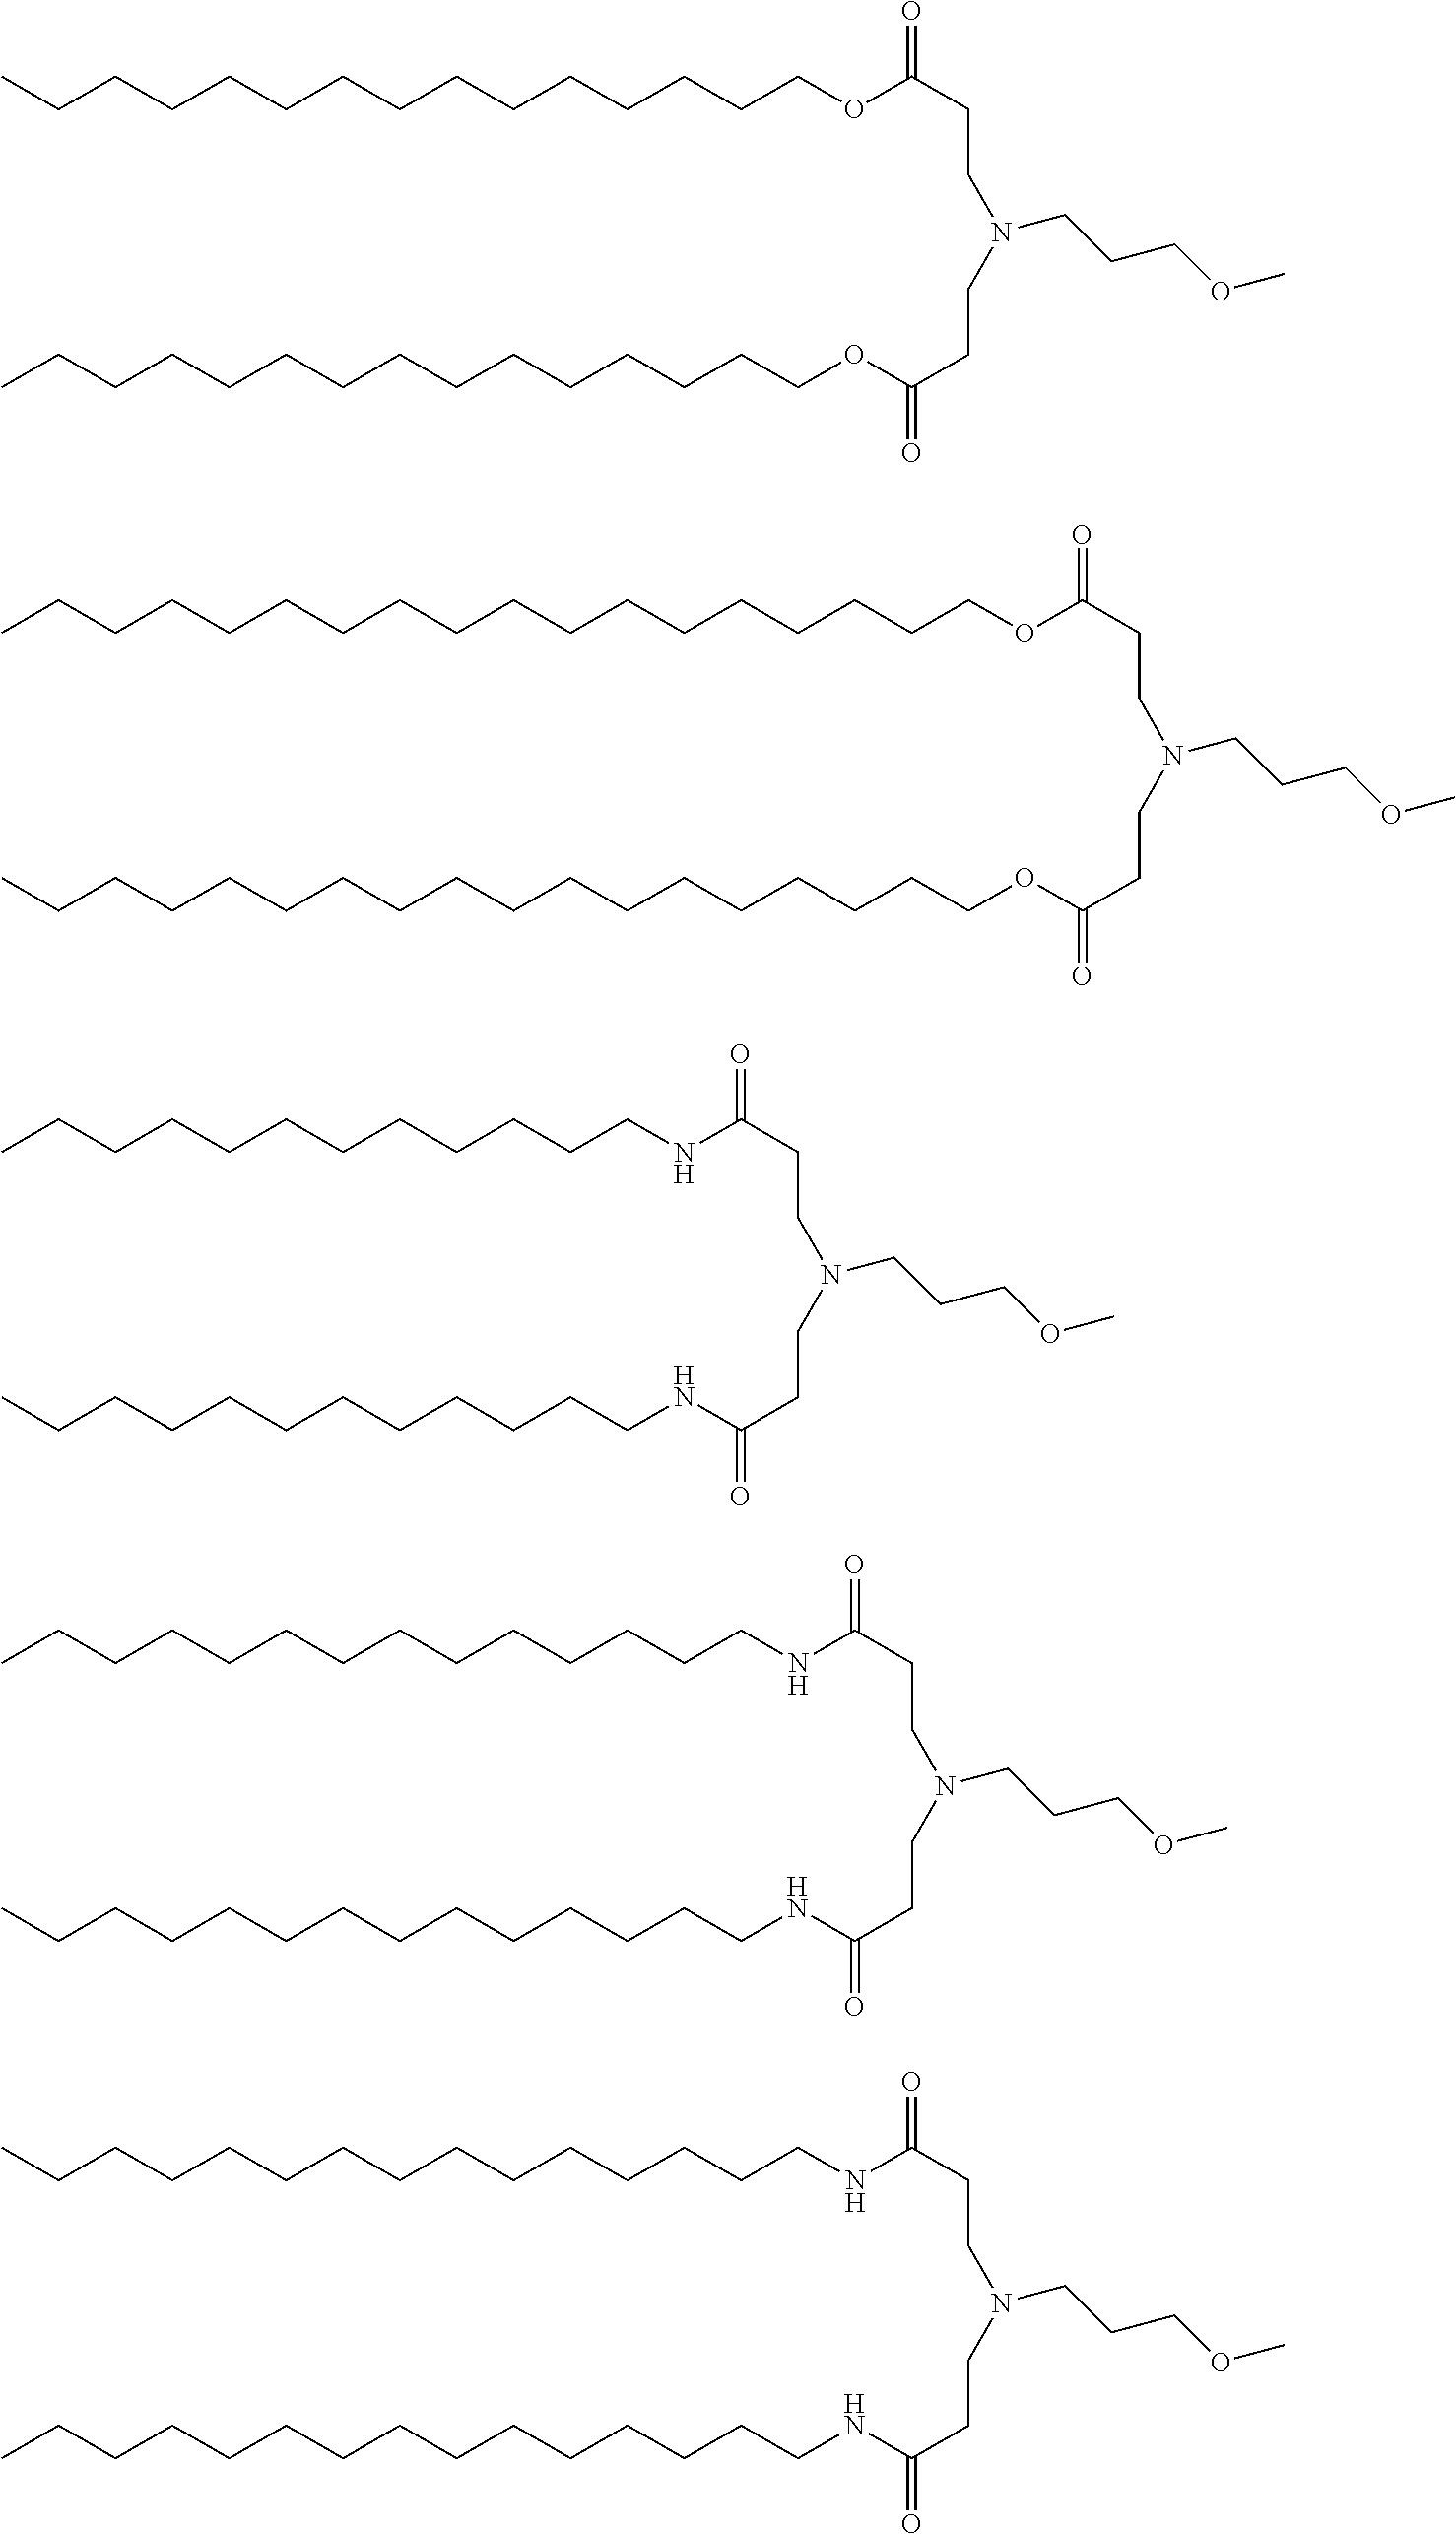 Figure US09738895-20170822-C00054